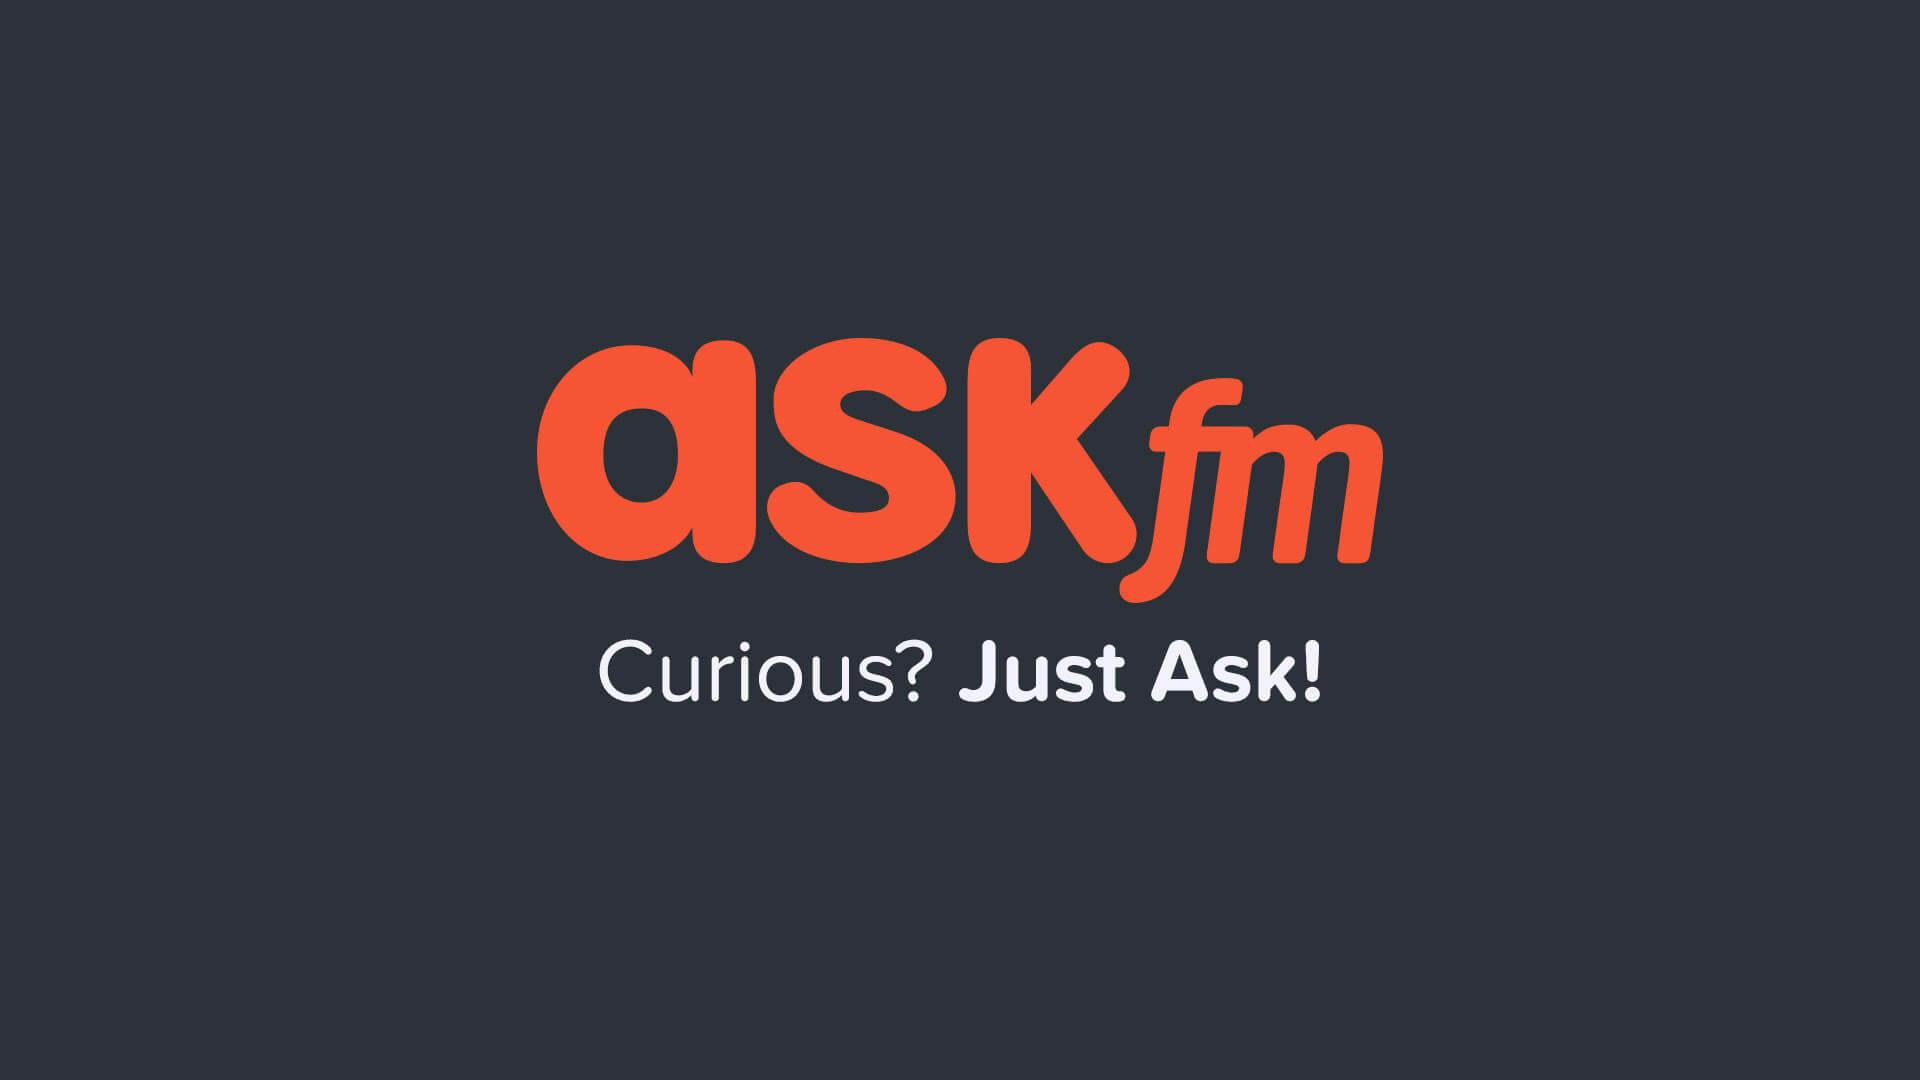 مشروع منصة ASKfm 2.0 يسعى لإدخال 215 مليون مستخدم لعالم العملات الرقمية المشفرة